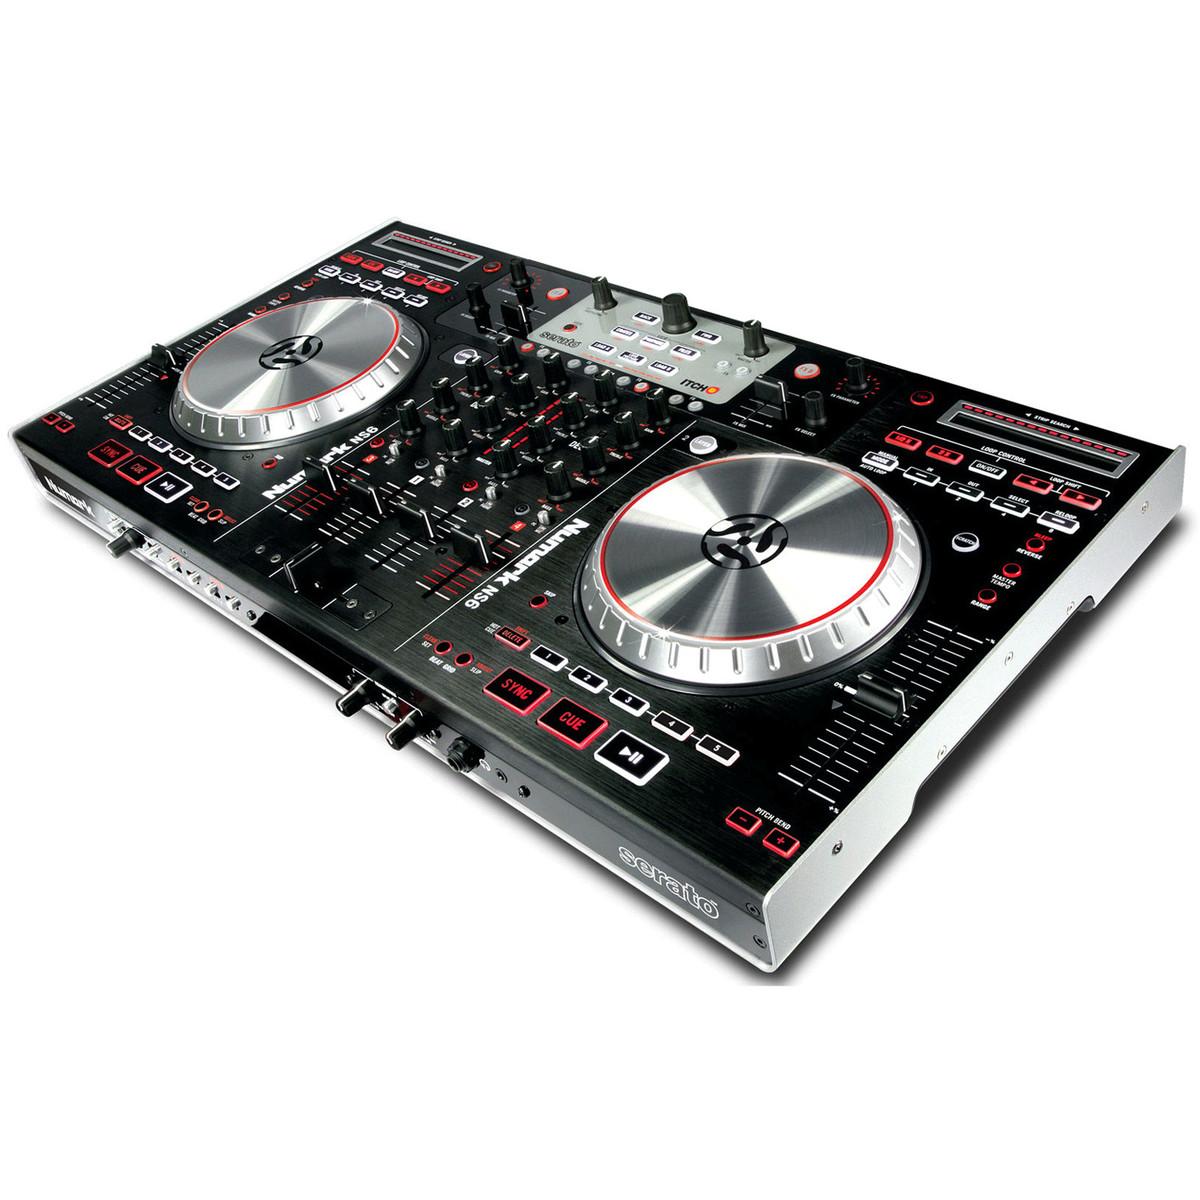 puis numark ns6 contr leur num rique de dj mixage. Black Bedroom Furniture Sets. Home Design Ideas